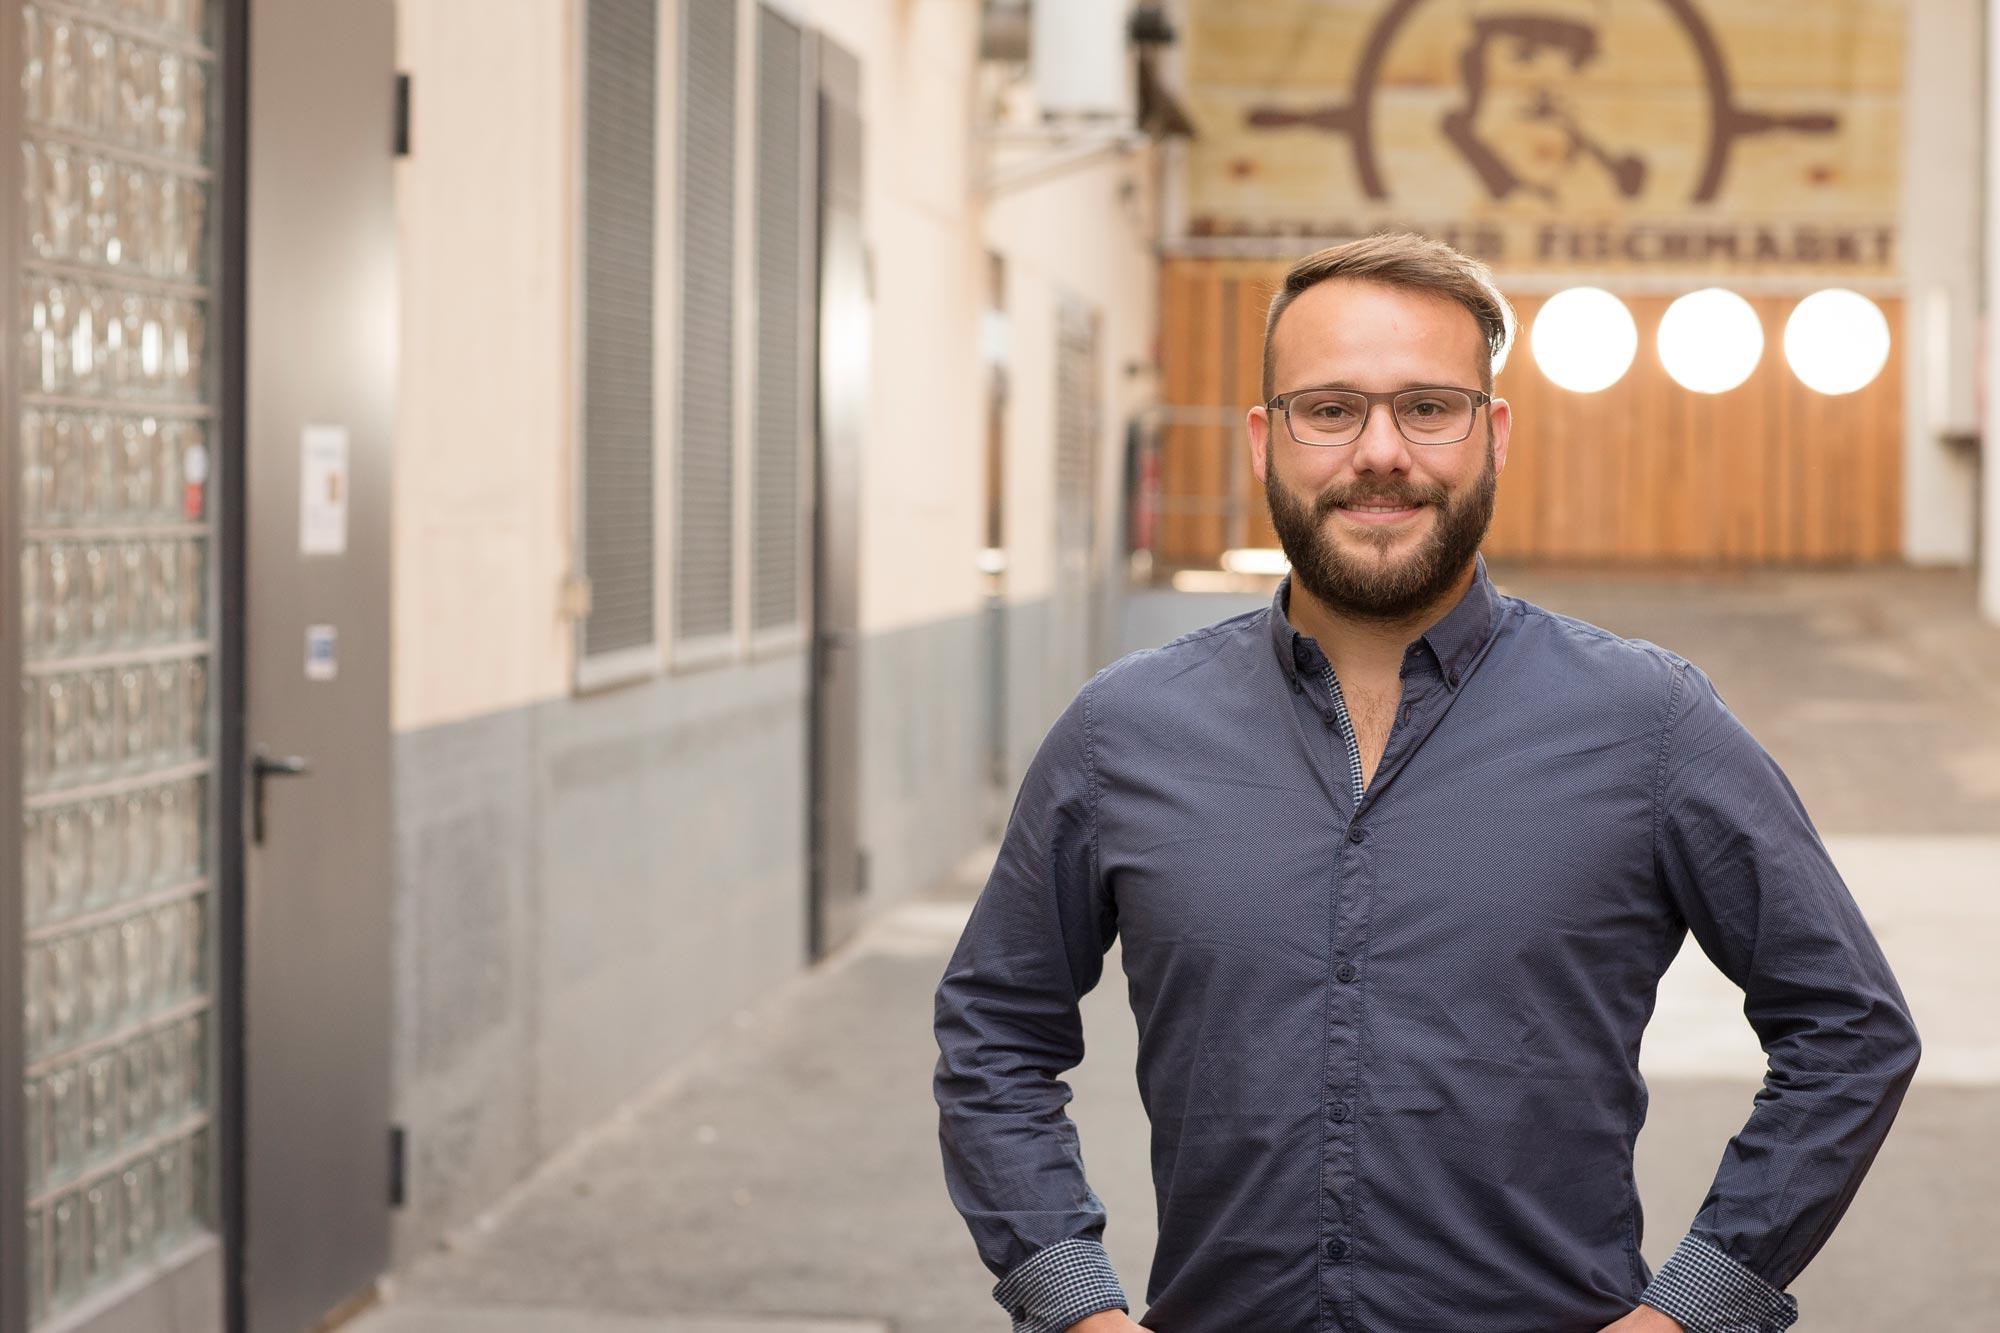 Marten Mense ist Augenoptiker bei Optik Sagawe im Rostocker Hof